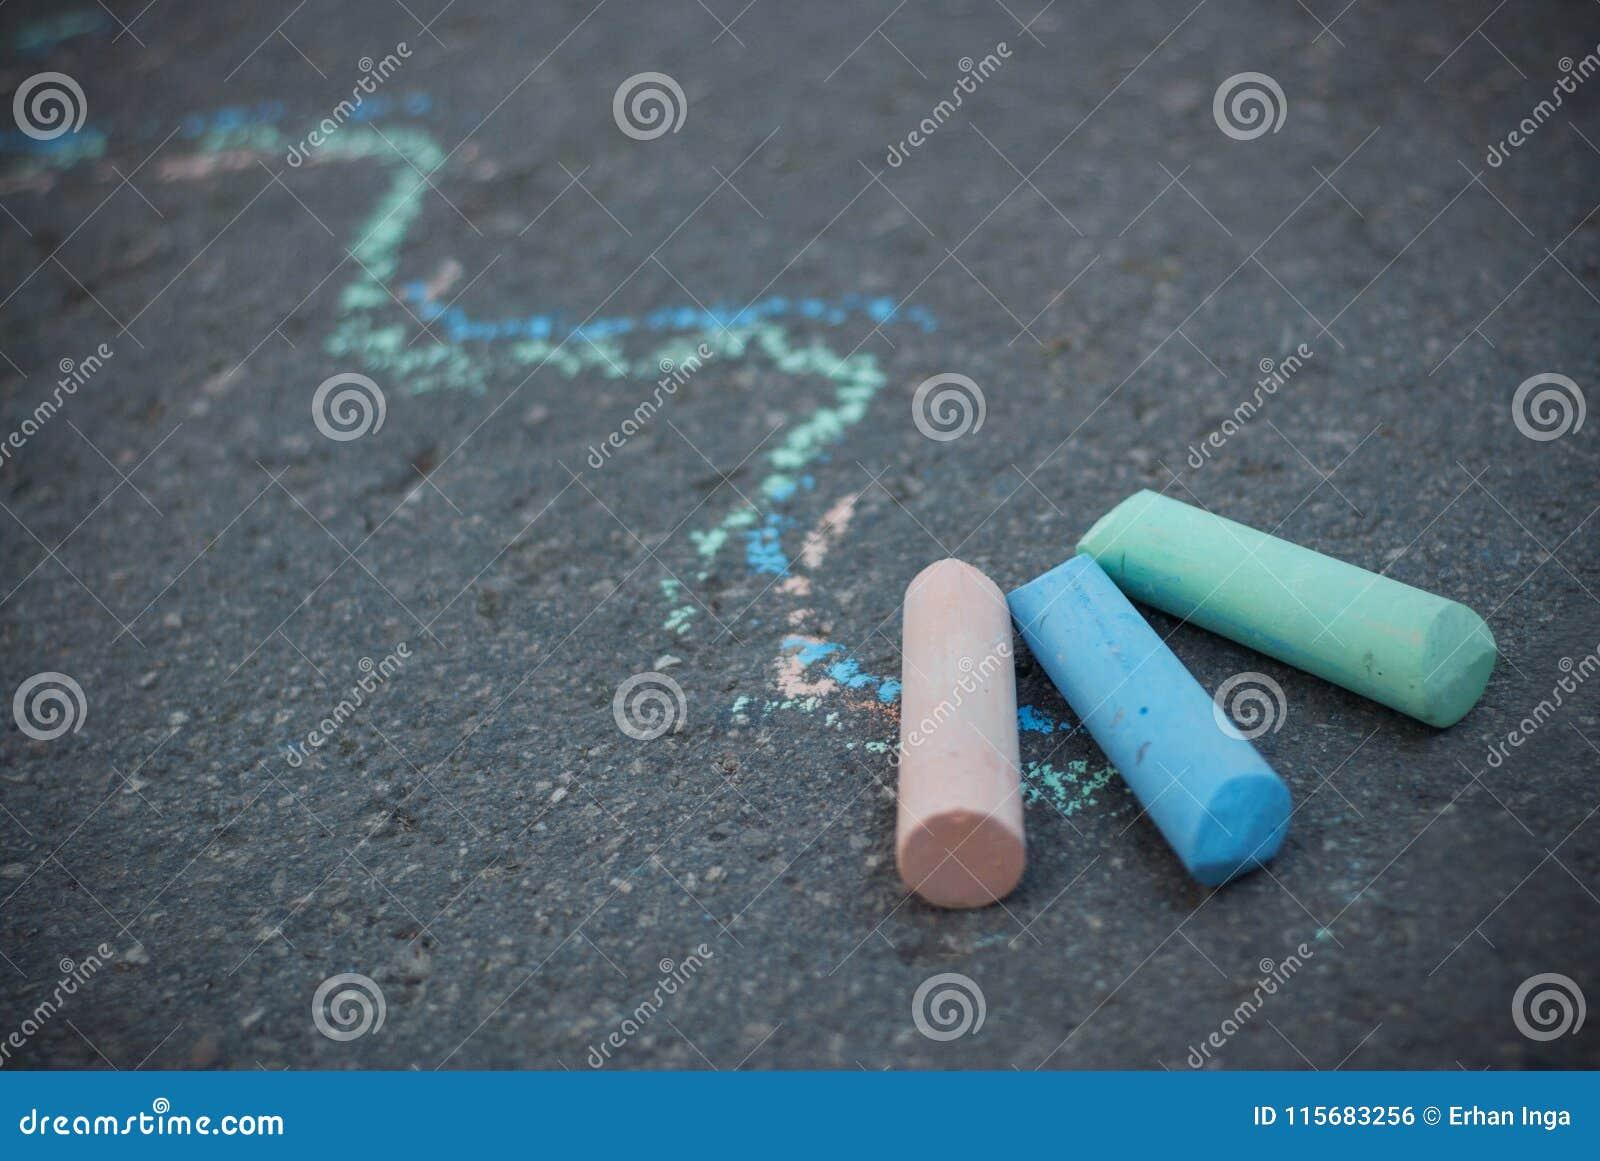 Tiza en el asfalto texturizado Líneas coloridas del drenaje Niñez y parenting Educación